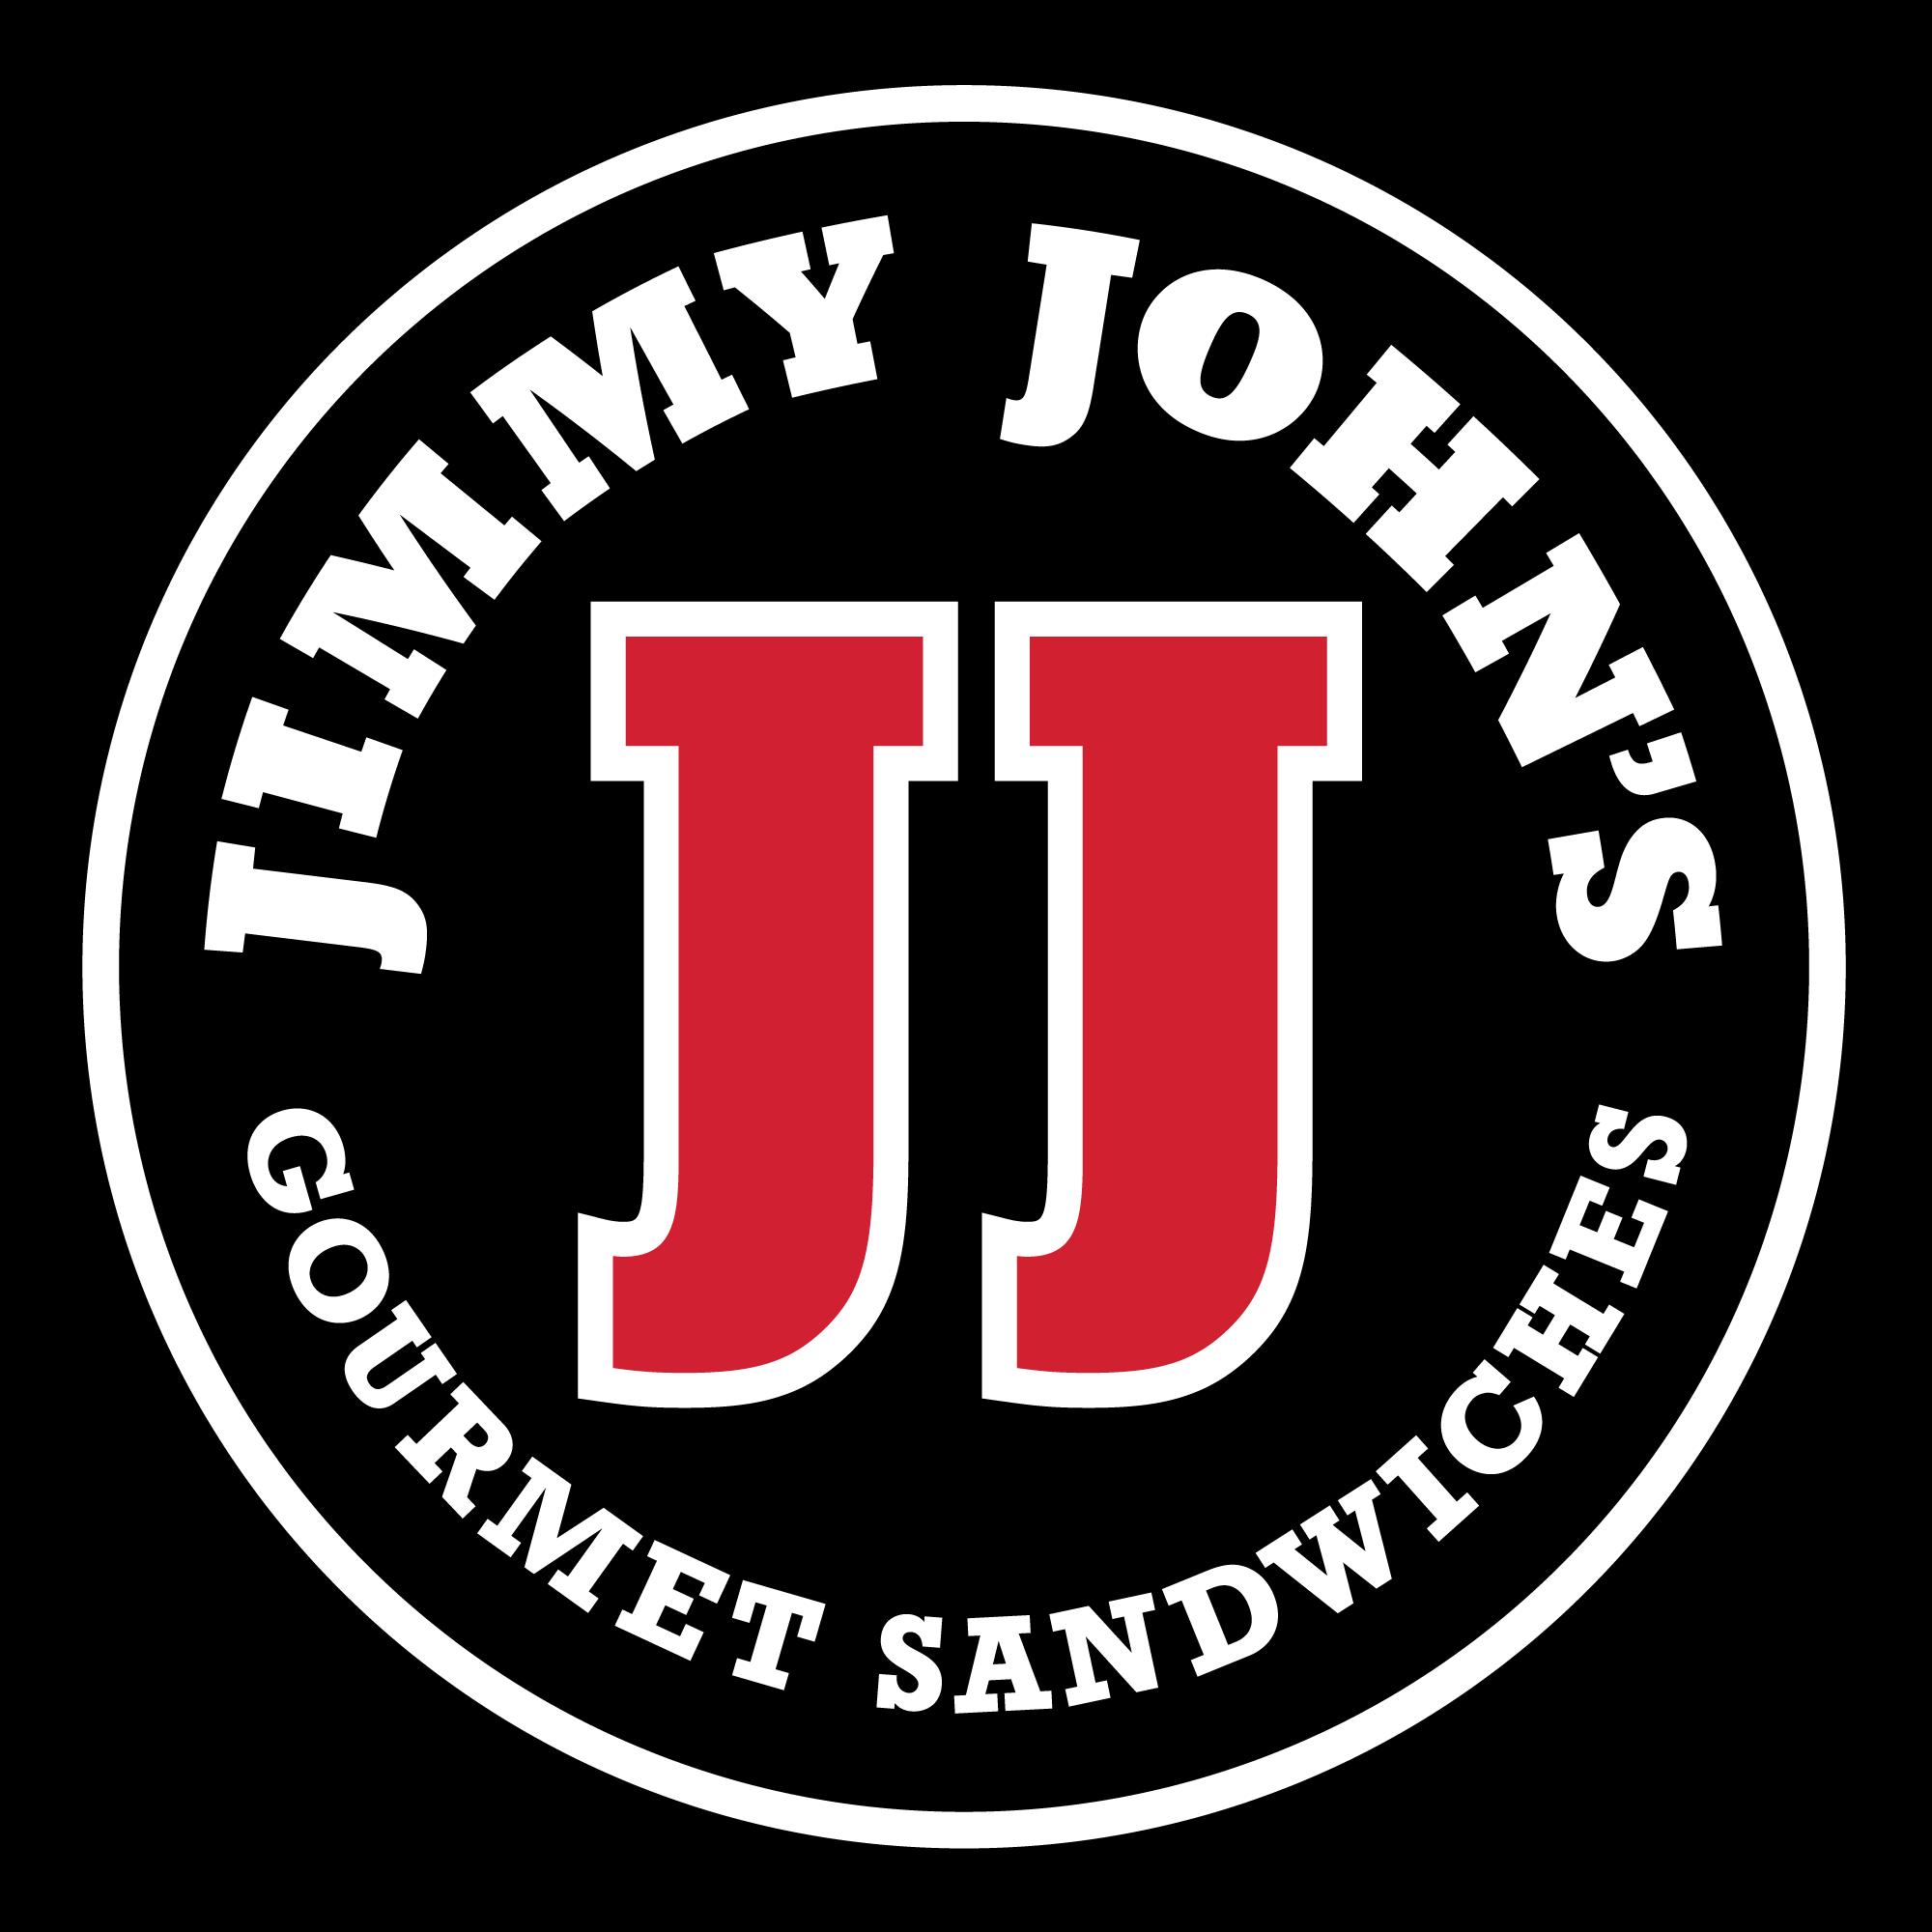 Sponsor Jimmy John's